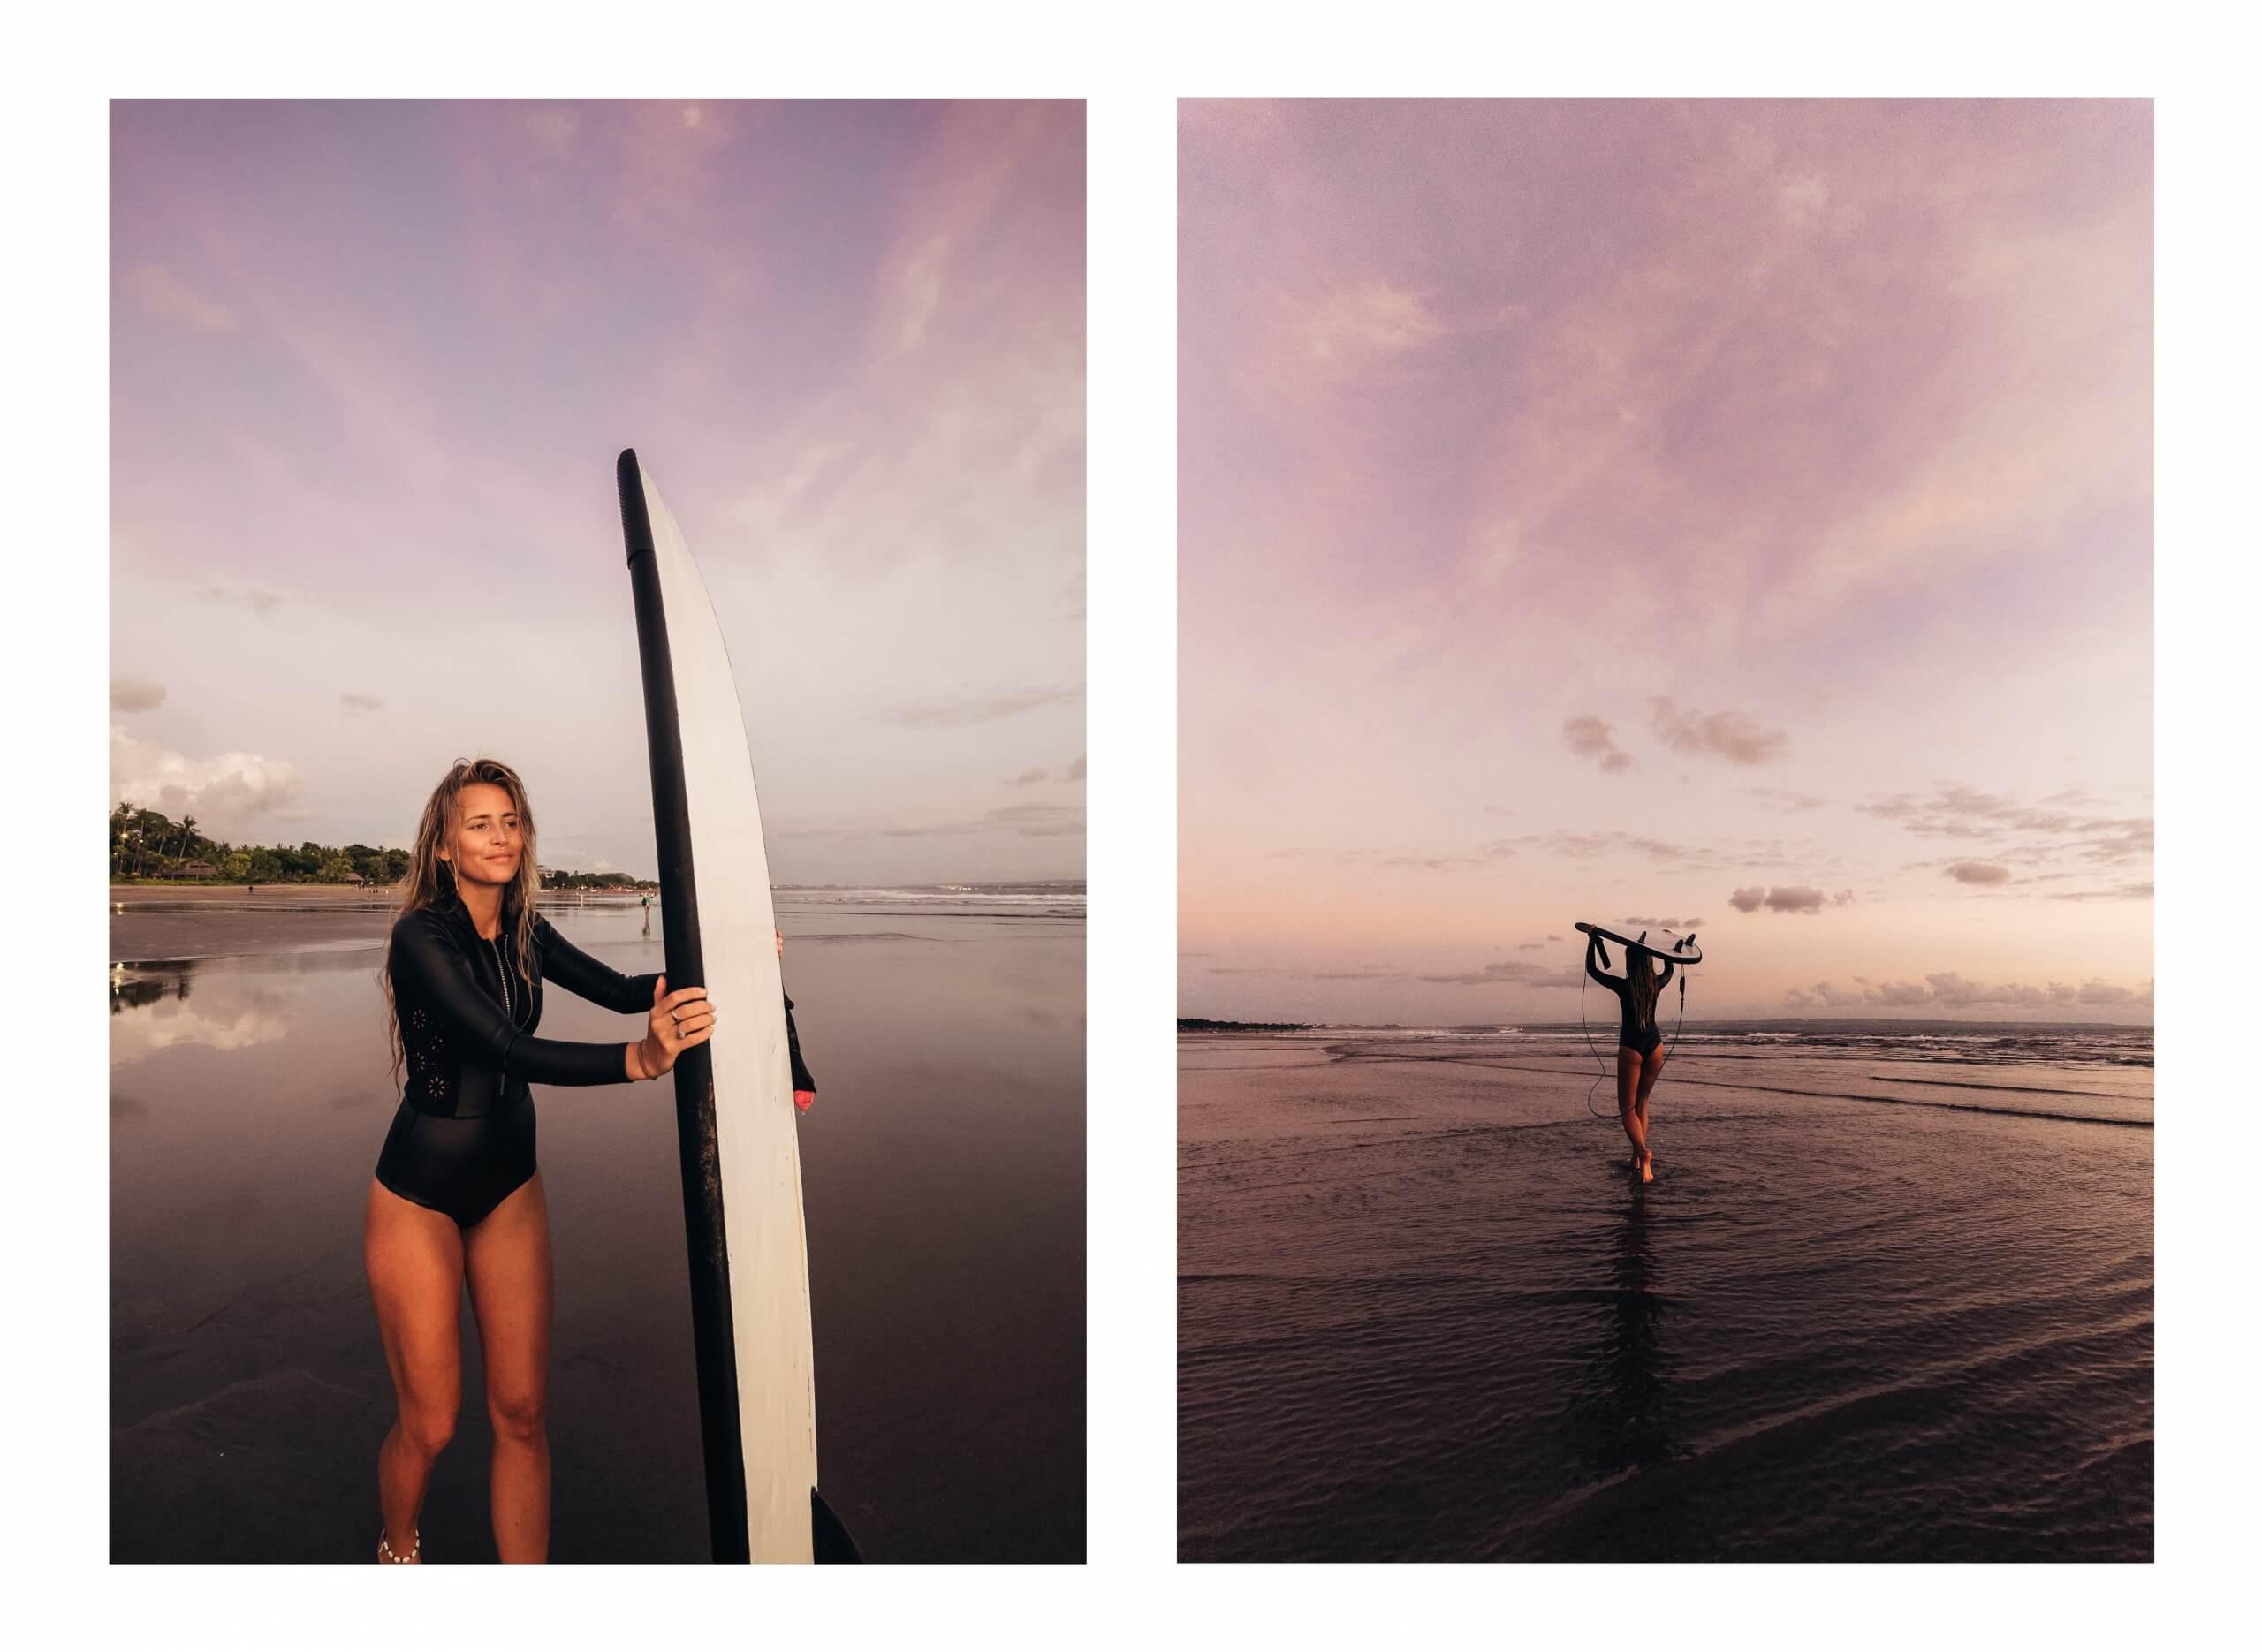 janni-deler-sunset-surf-baliJ1200467-Redigera copy